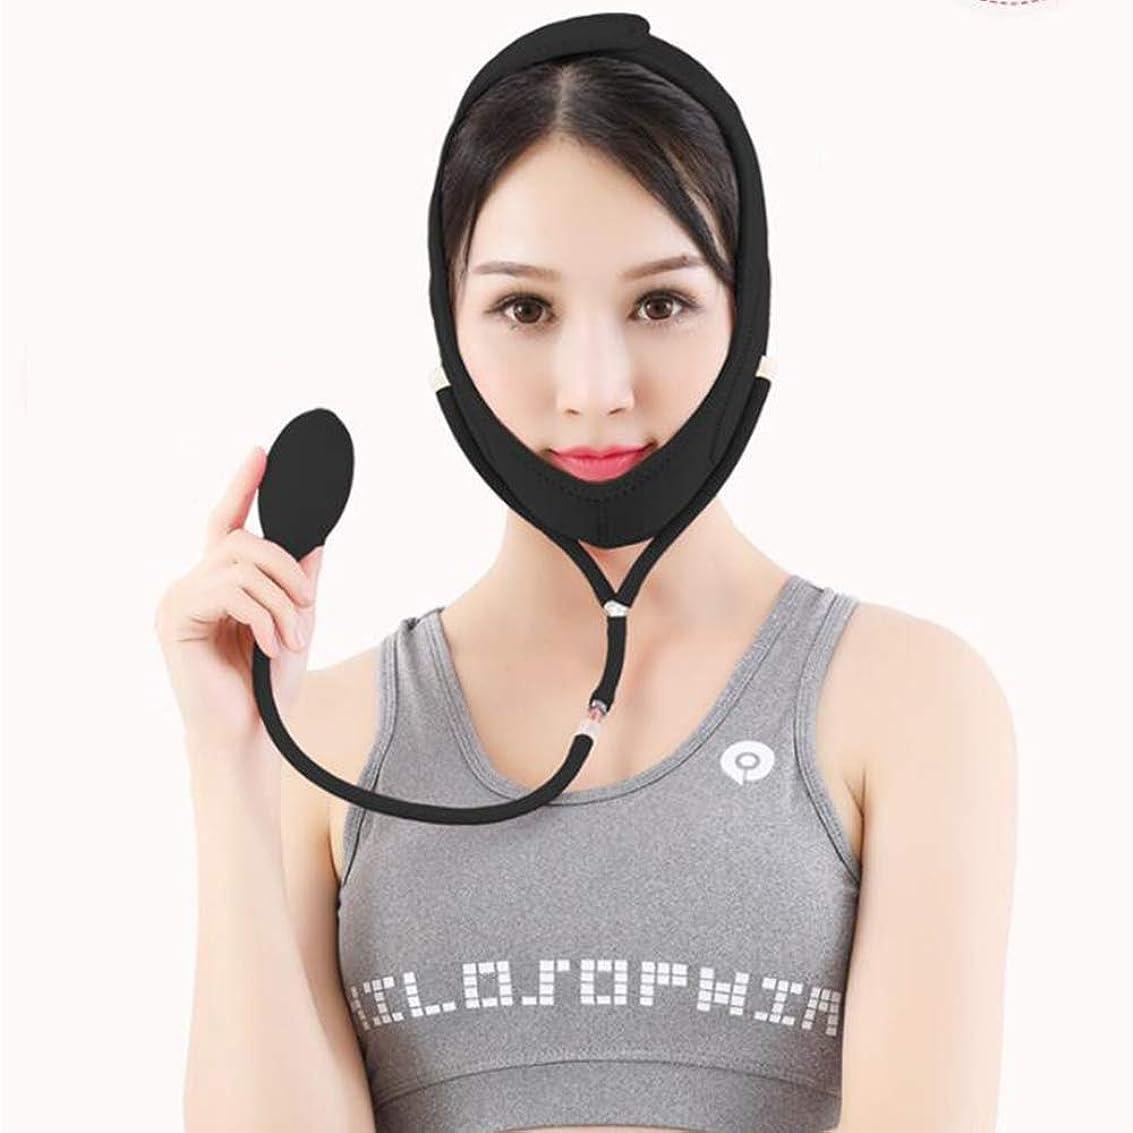 知覚的パレードジャケットフェイスリフトベルト インフレータブルマスク付きフェイスリフトベルトスキニーフェイスVフェイスアーチファクトスモールフェイスタイプスリーピングマスクタイトバンデージ (色 : B, サイズ さいず : L l)